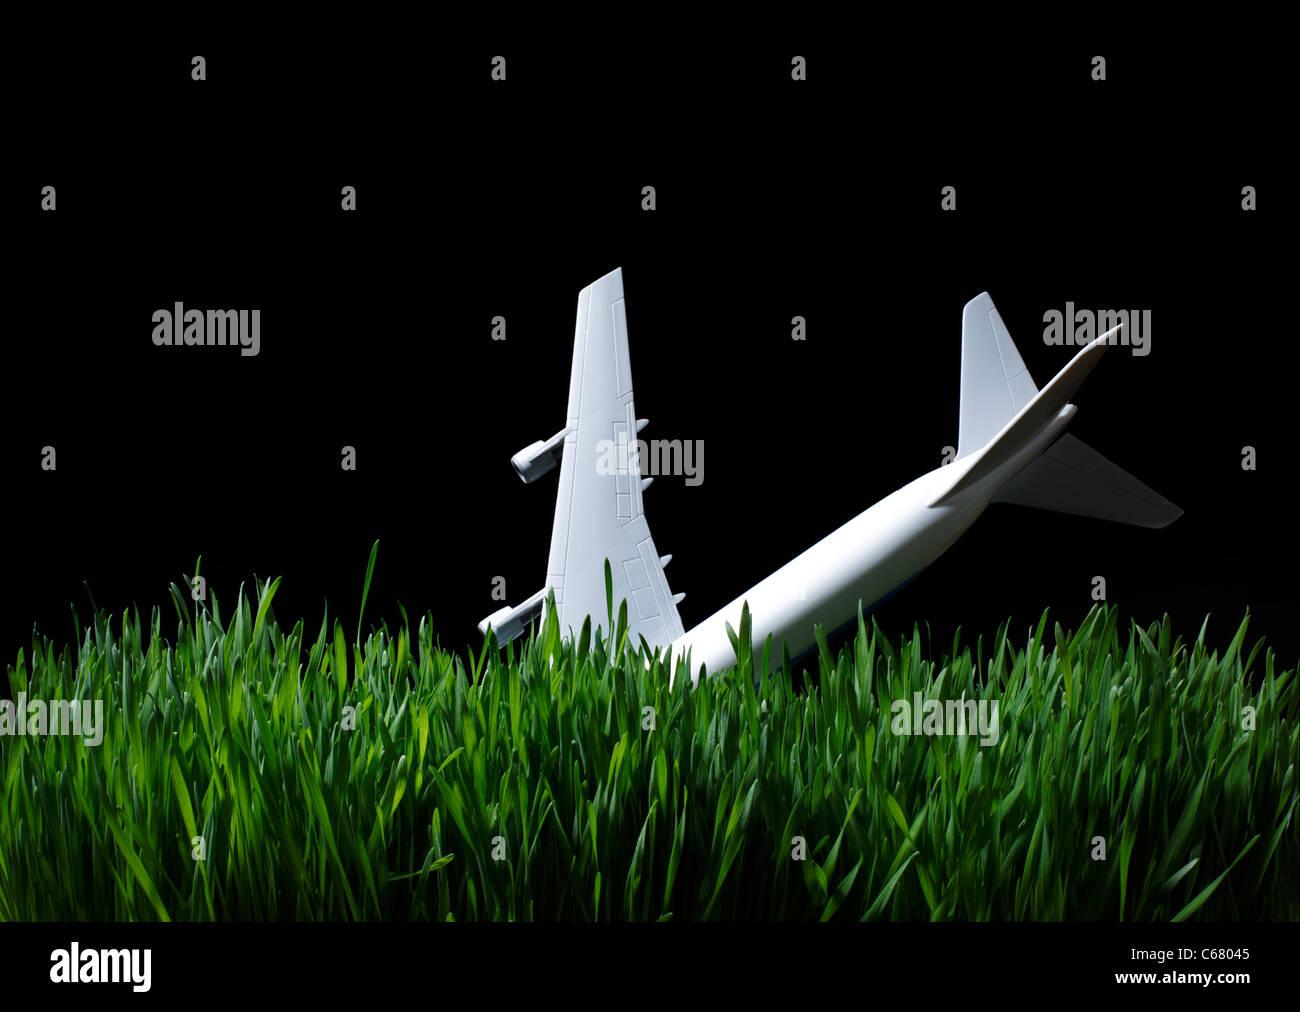 Spielzeugflugzeug Gras in der Nacht Stockbild